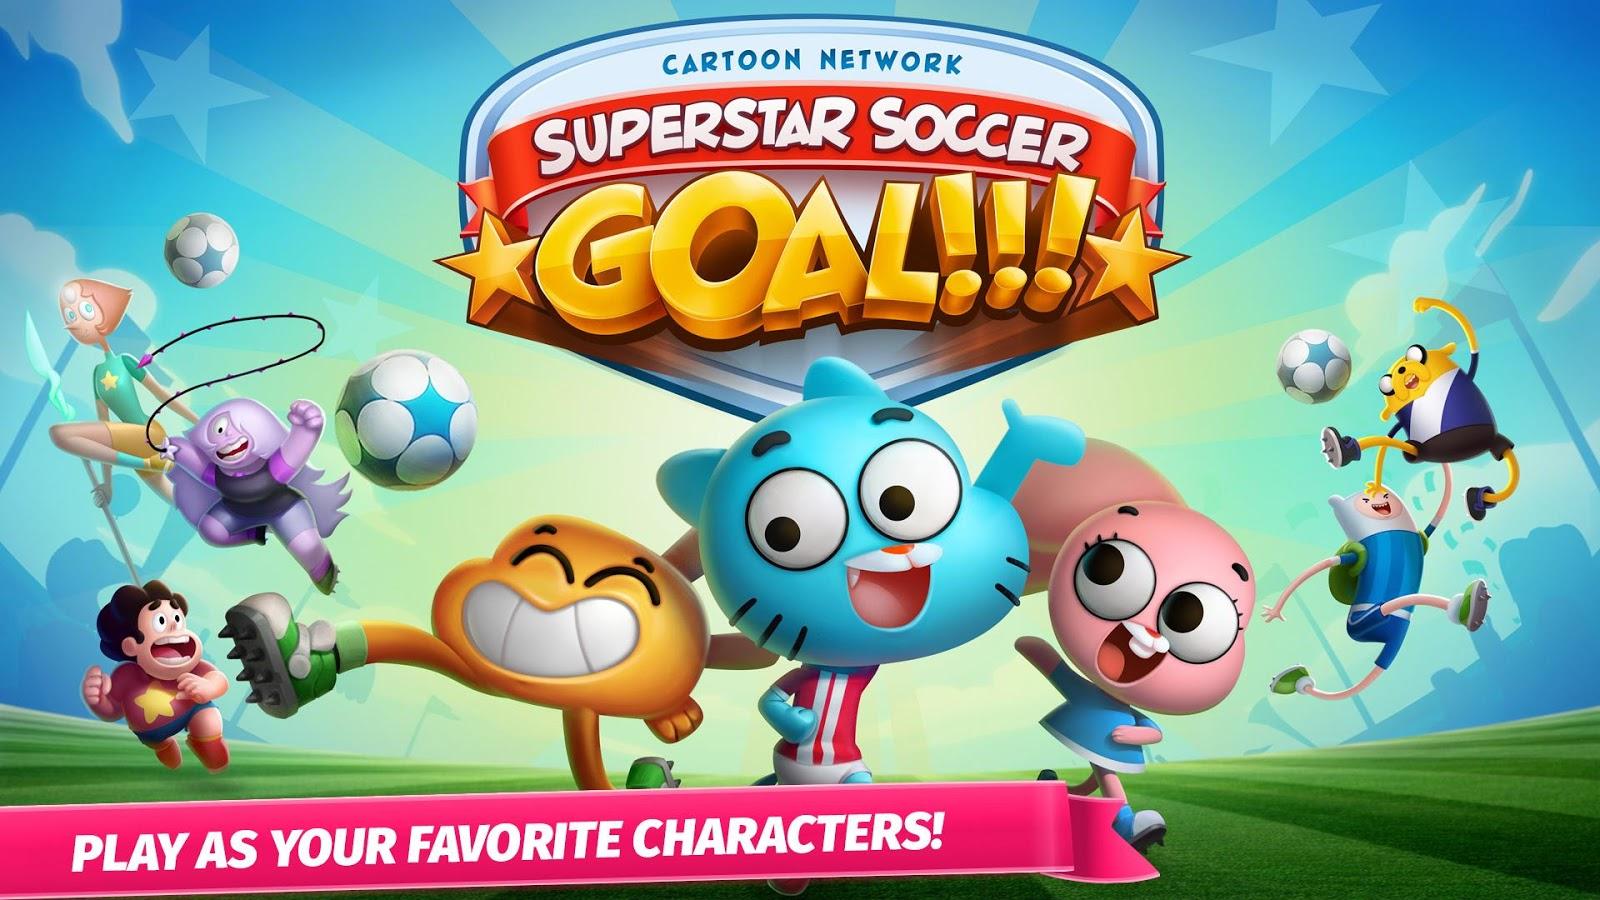 Superstar Soccer: Goal!!